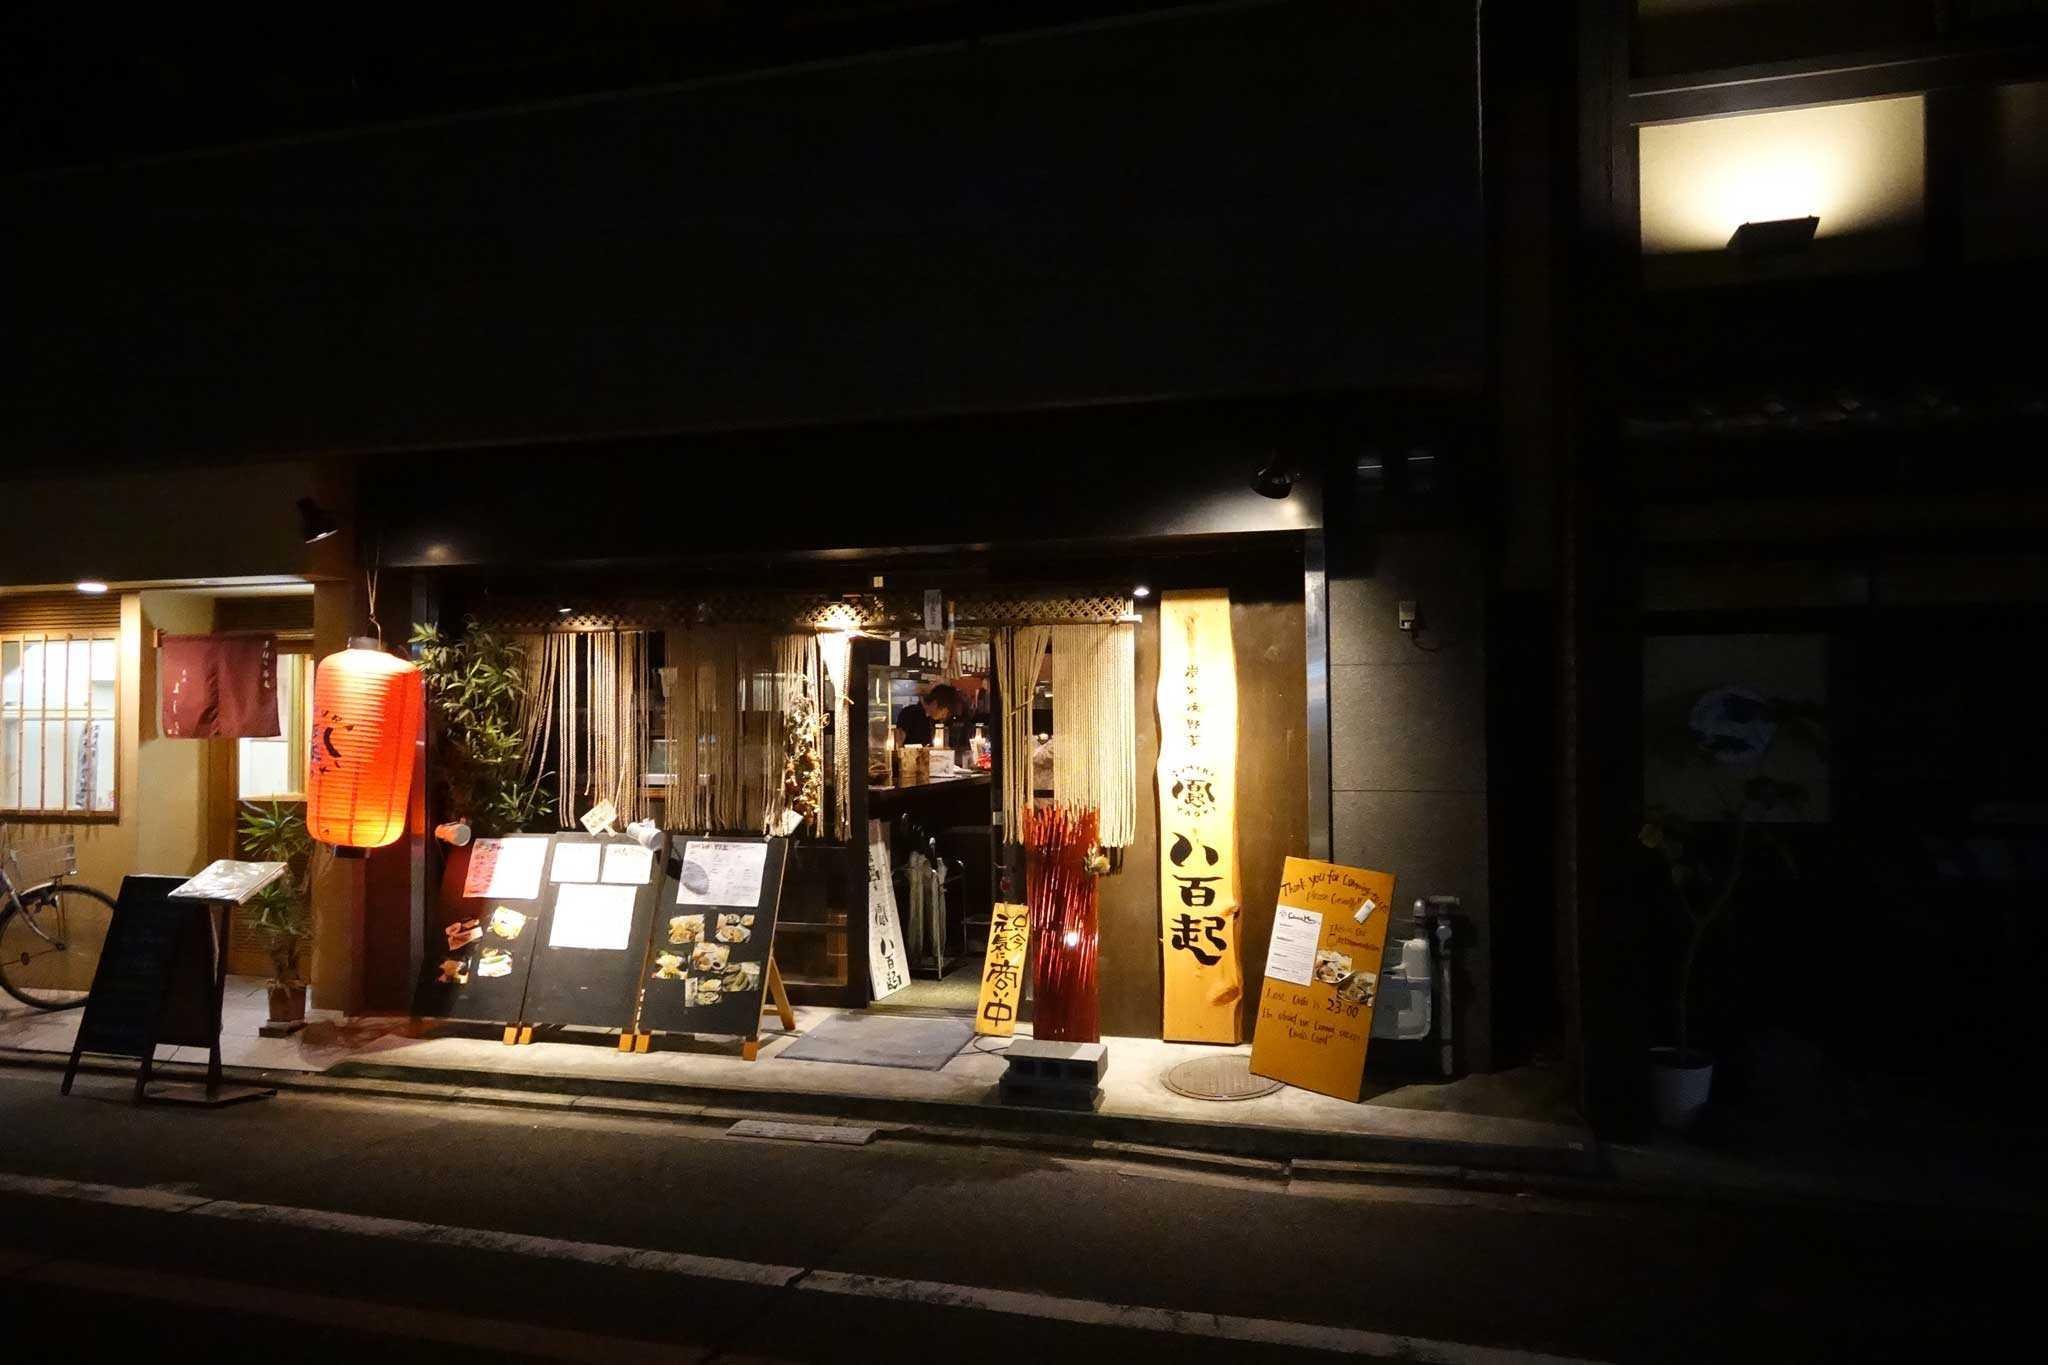 Auf der Spur von Würze in Japan 11: Tempura Yaoki, Kyoto